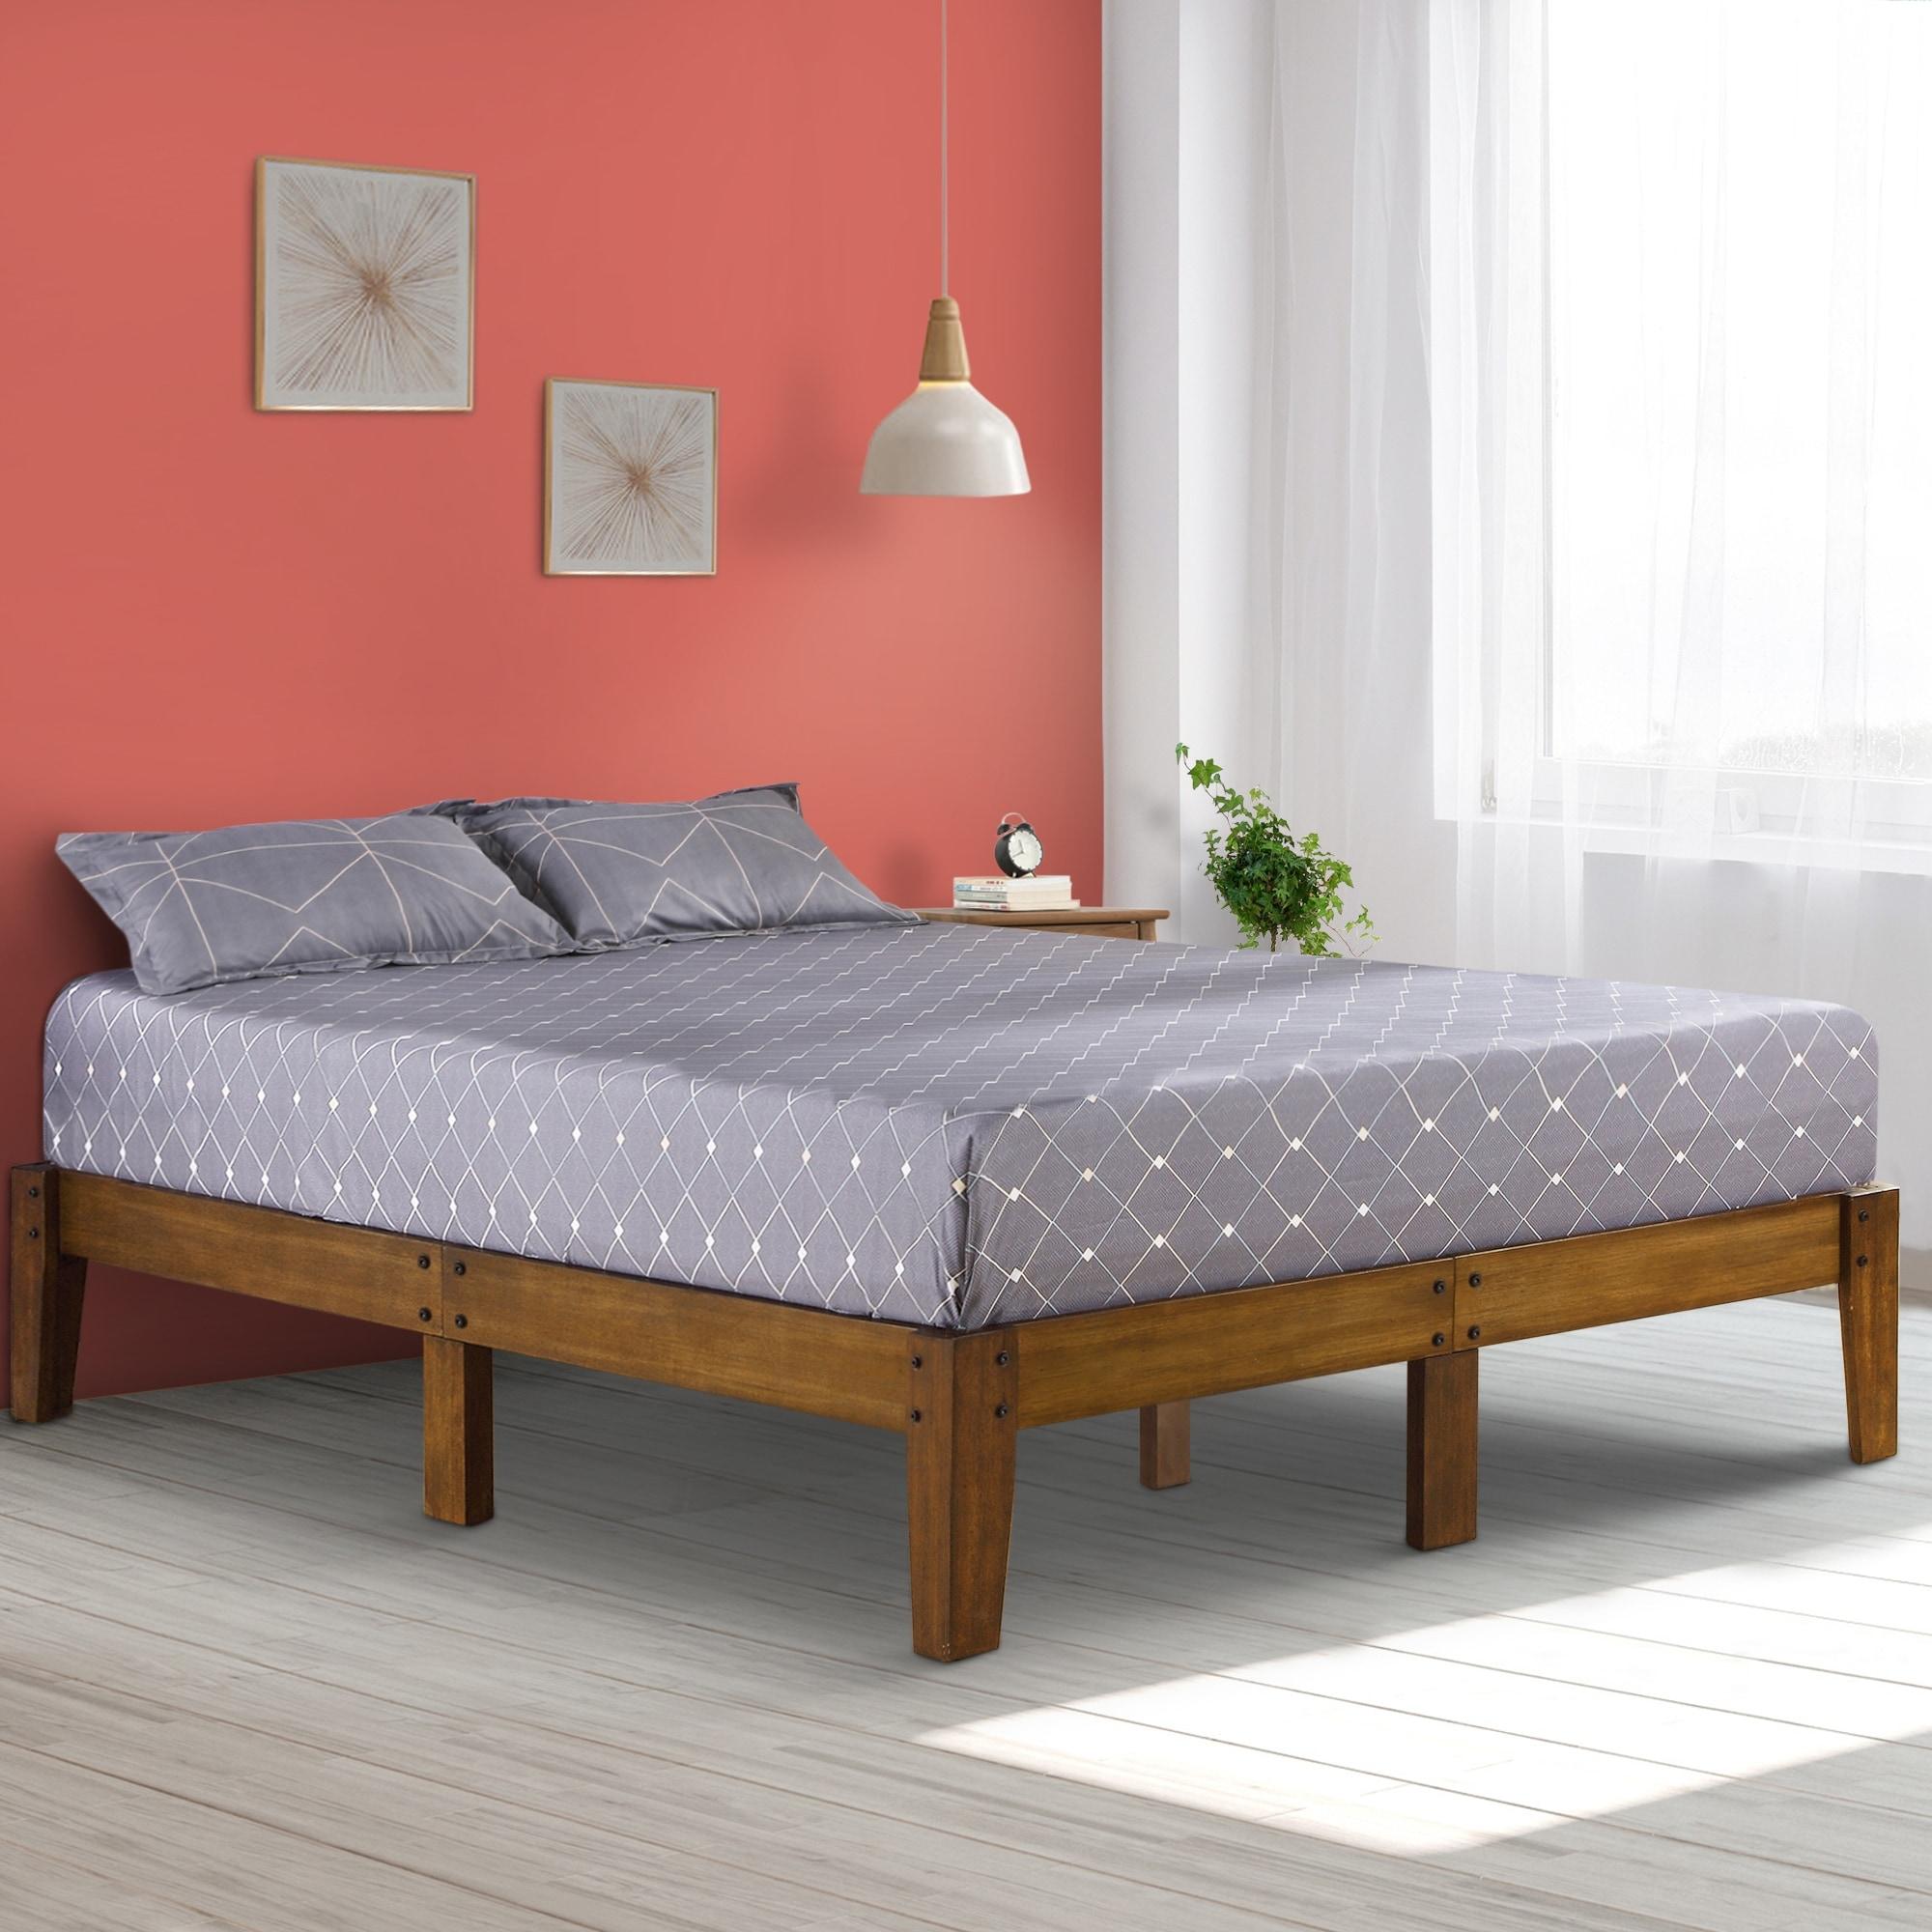 Sleeplanner 14 Inch Rustic Wood Queen Platform Bed Frame On Sale Overstock 22882026